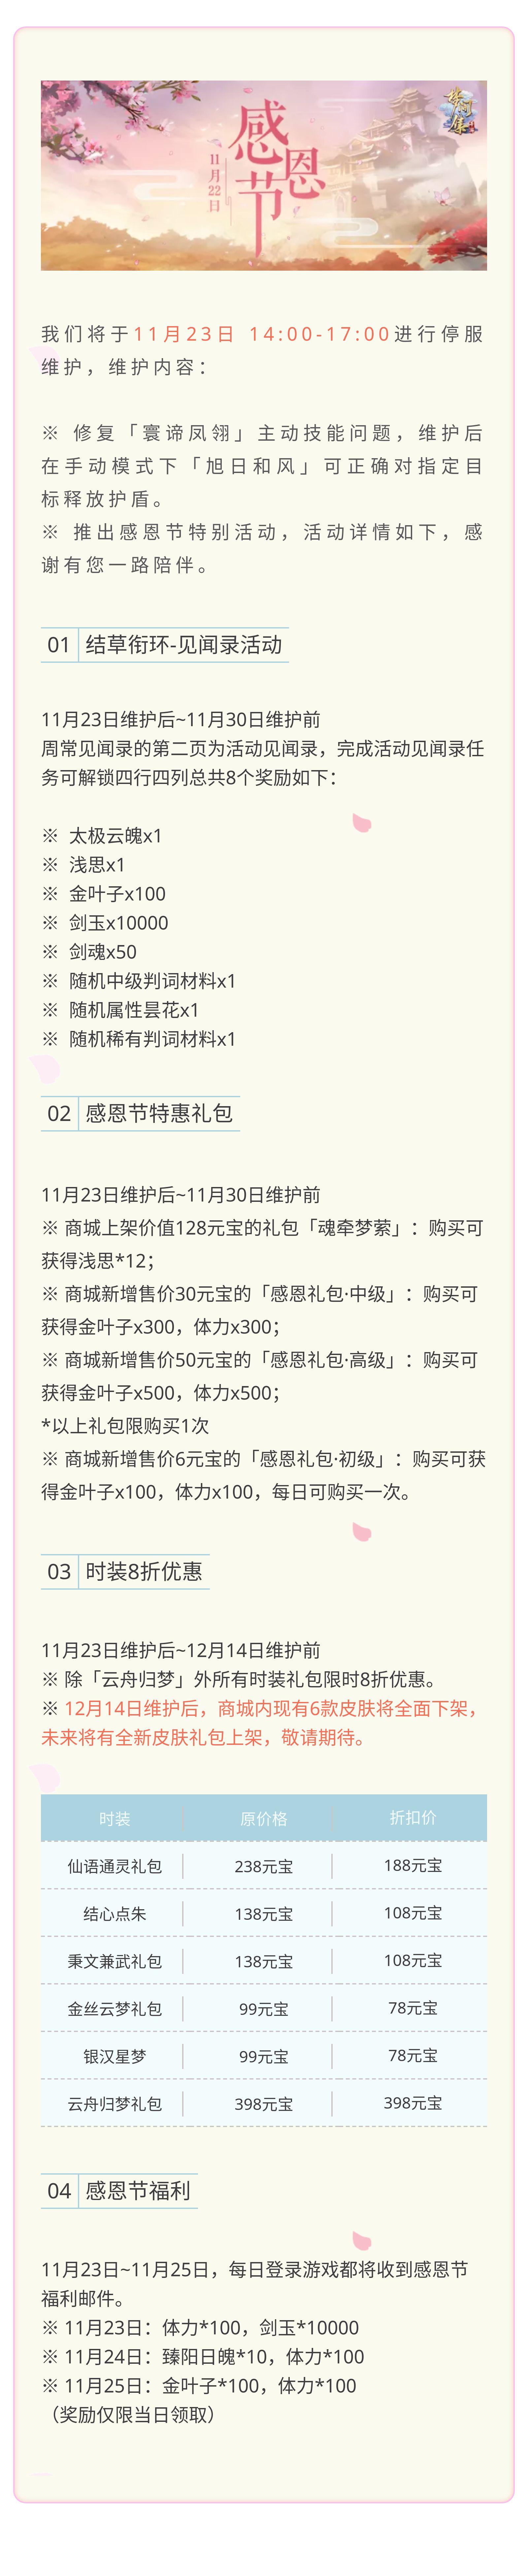 11月23日维护公告-感恩节活动.jpg